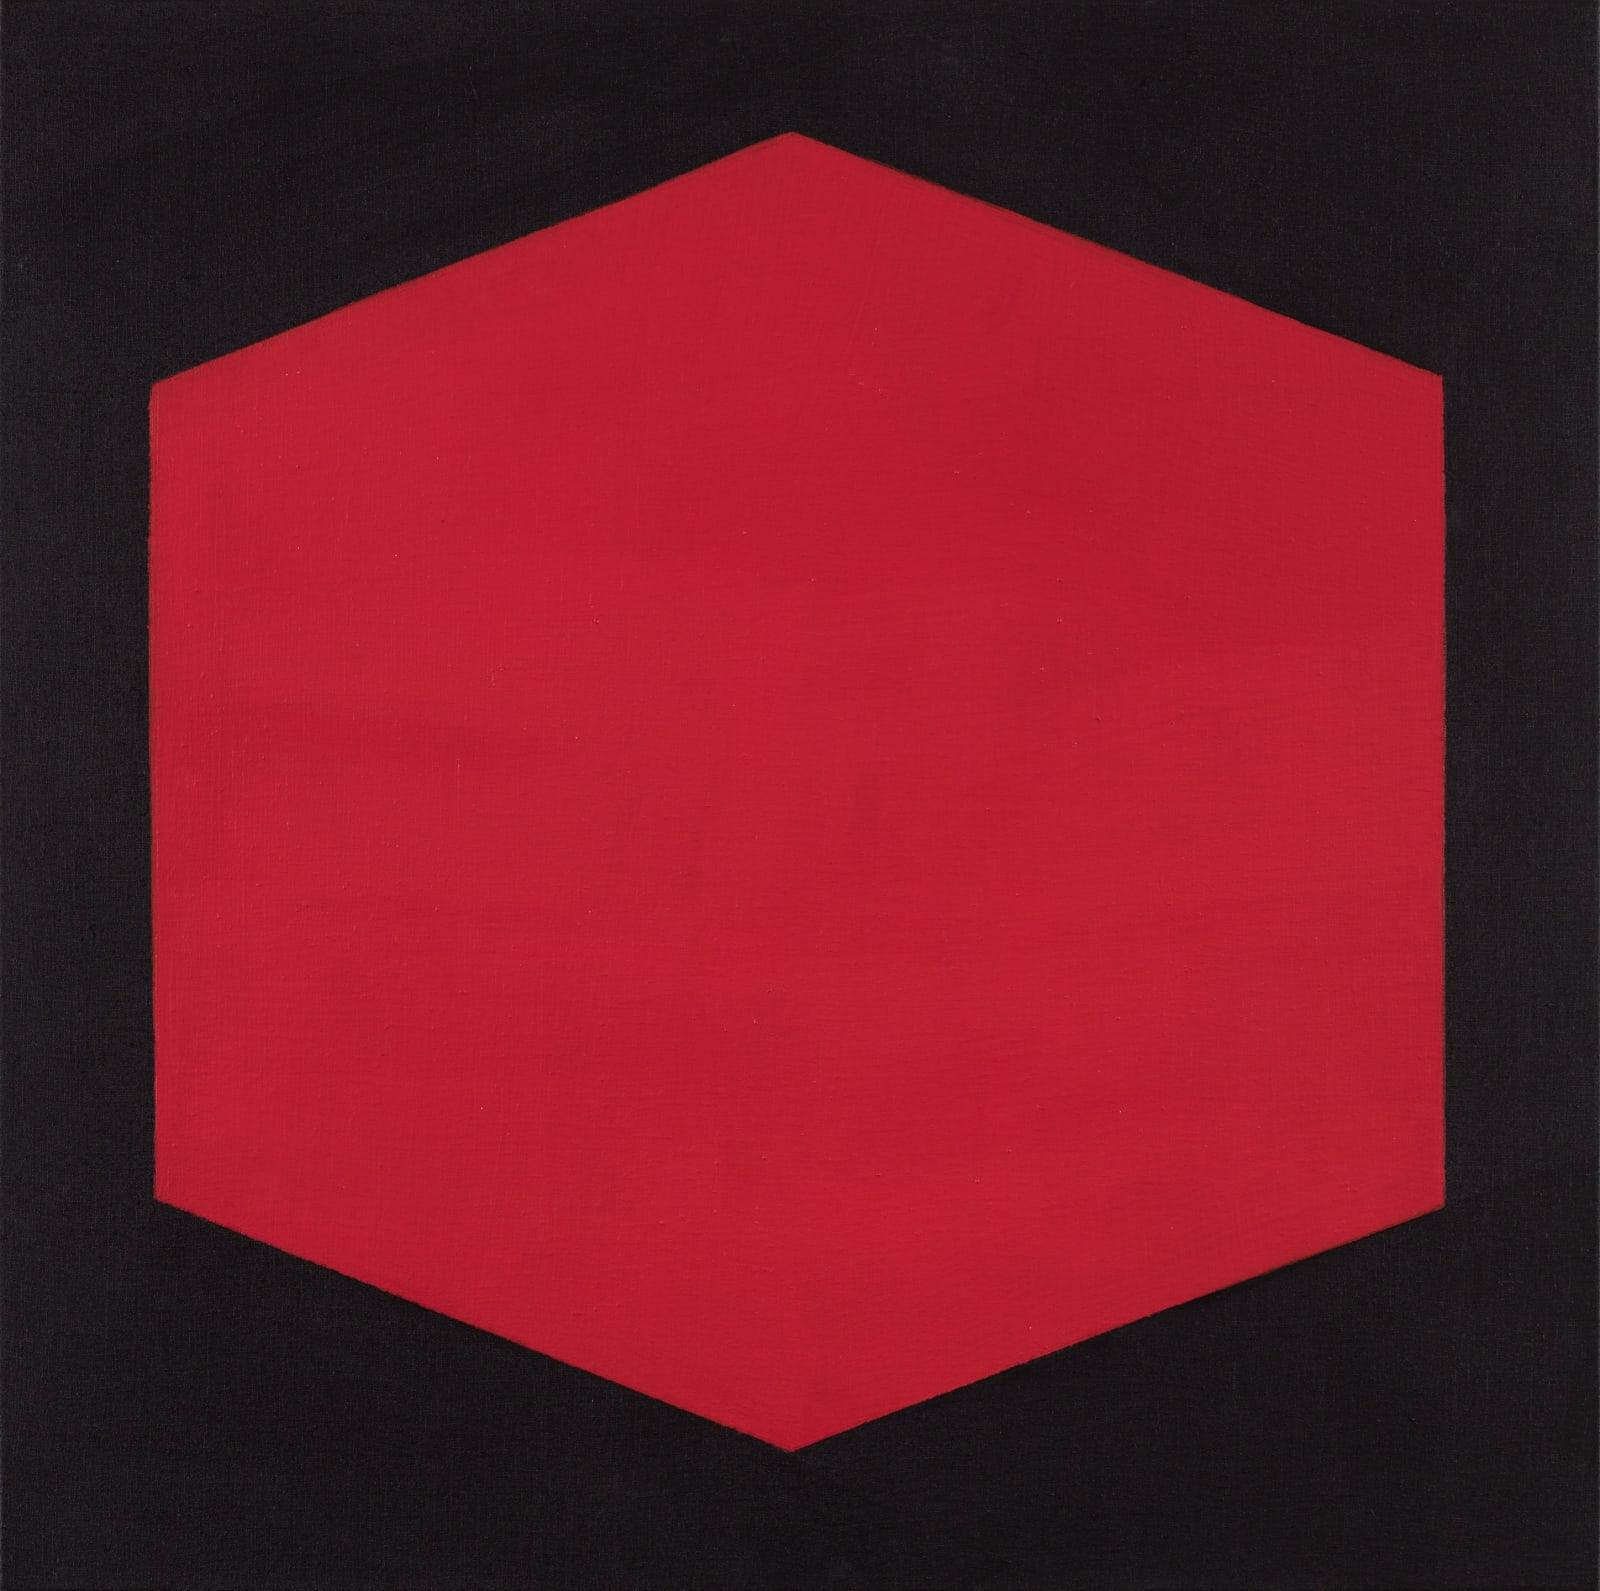 Julie Umerle, Polygon II (red), 2020